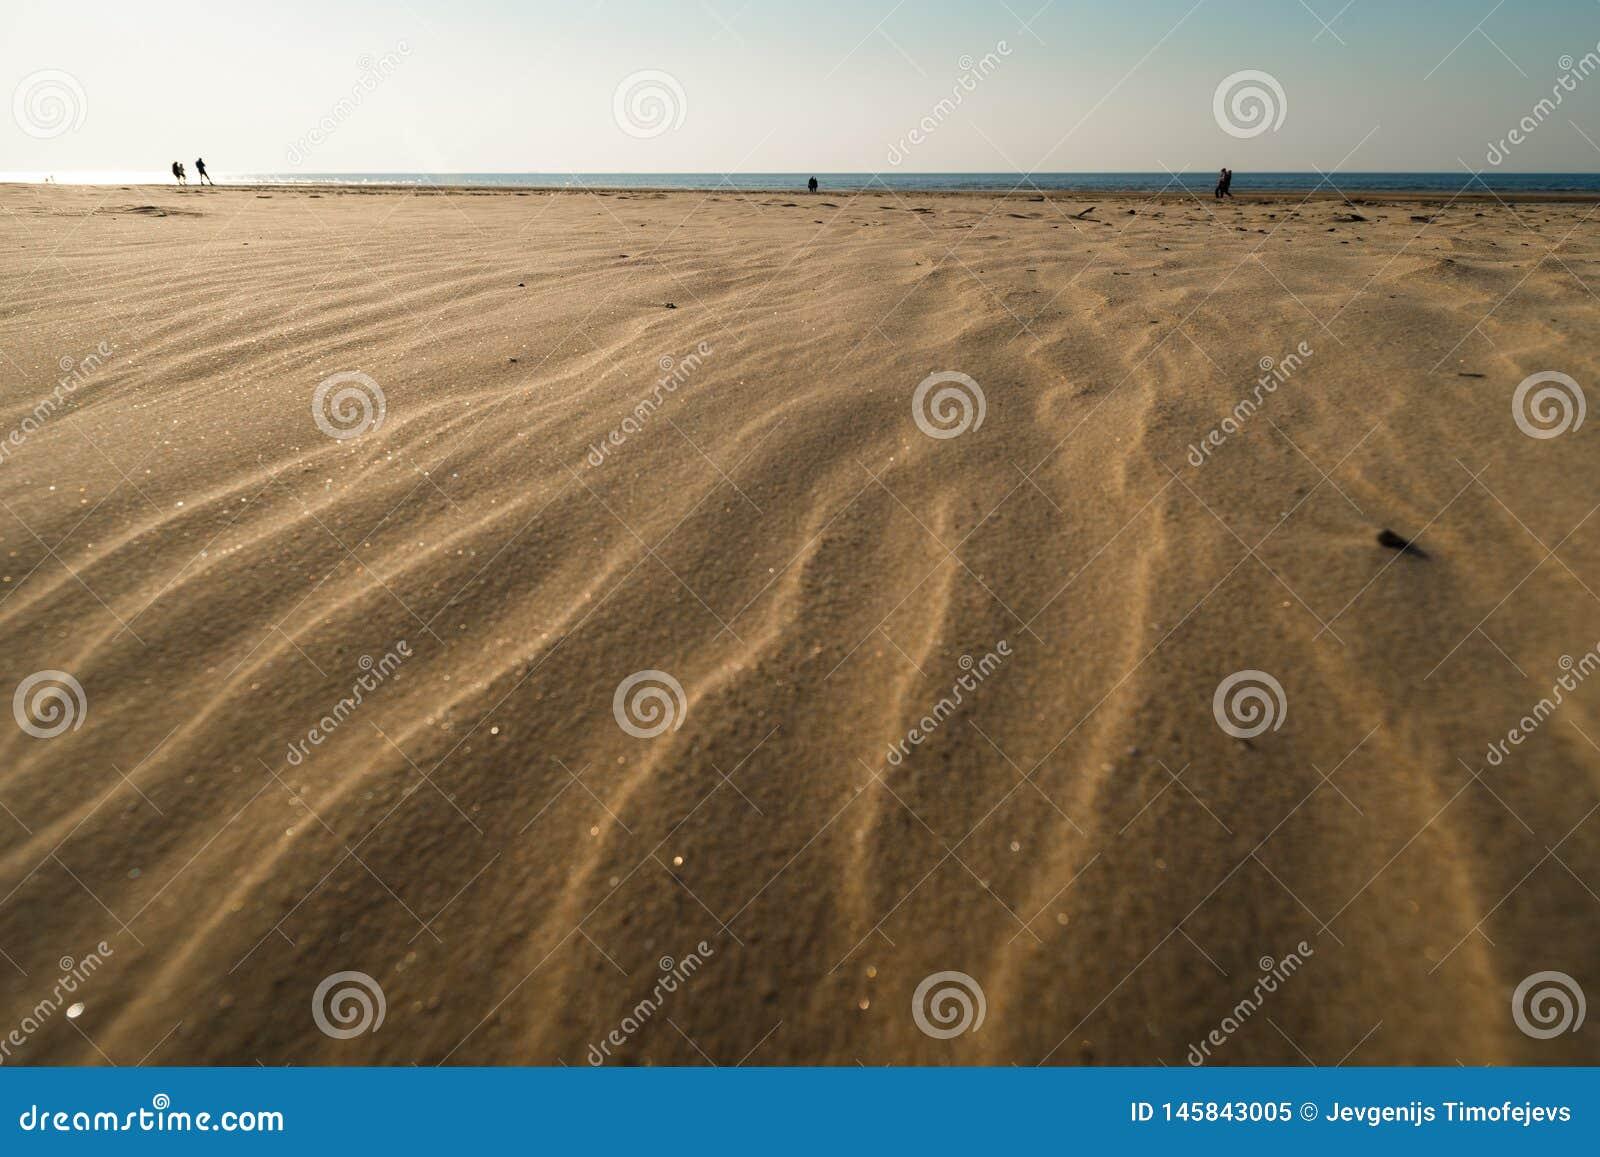 Десерт как текстурированный песок - пляж залива Балтийского моря с белым песком в заходе солнца